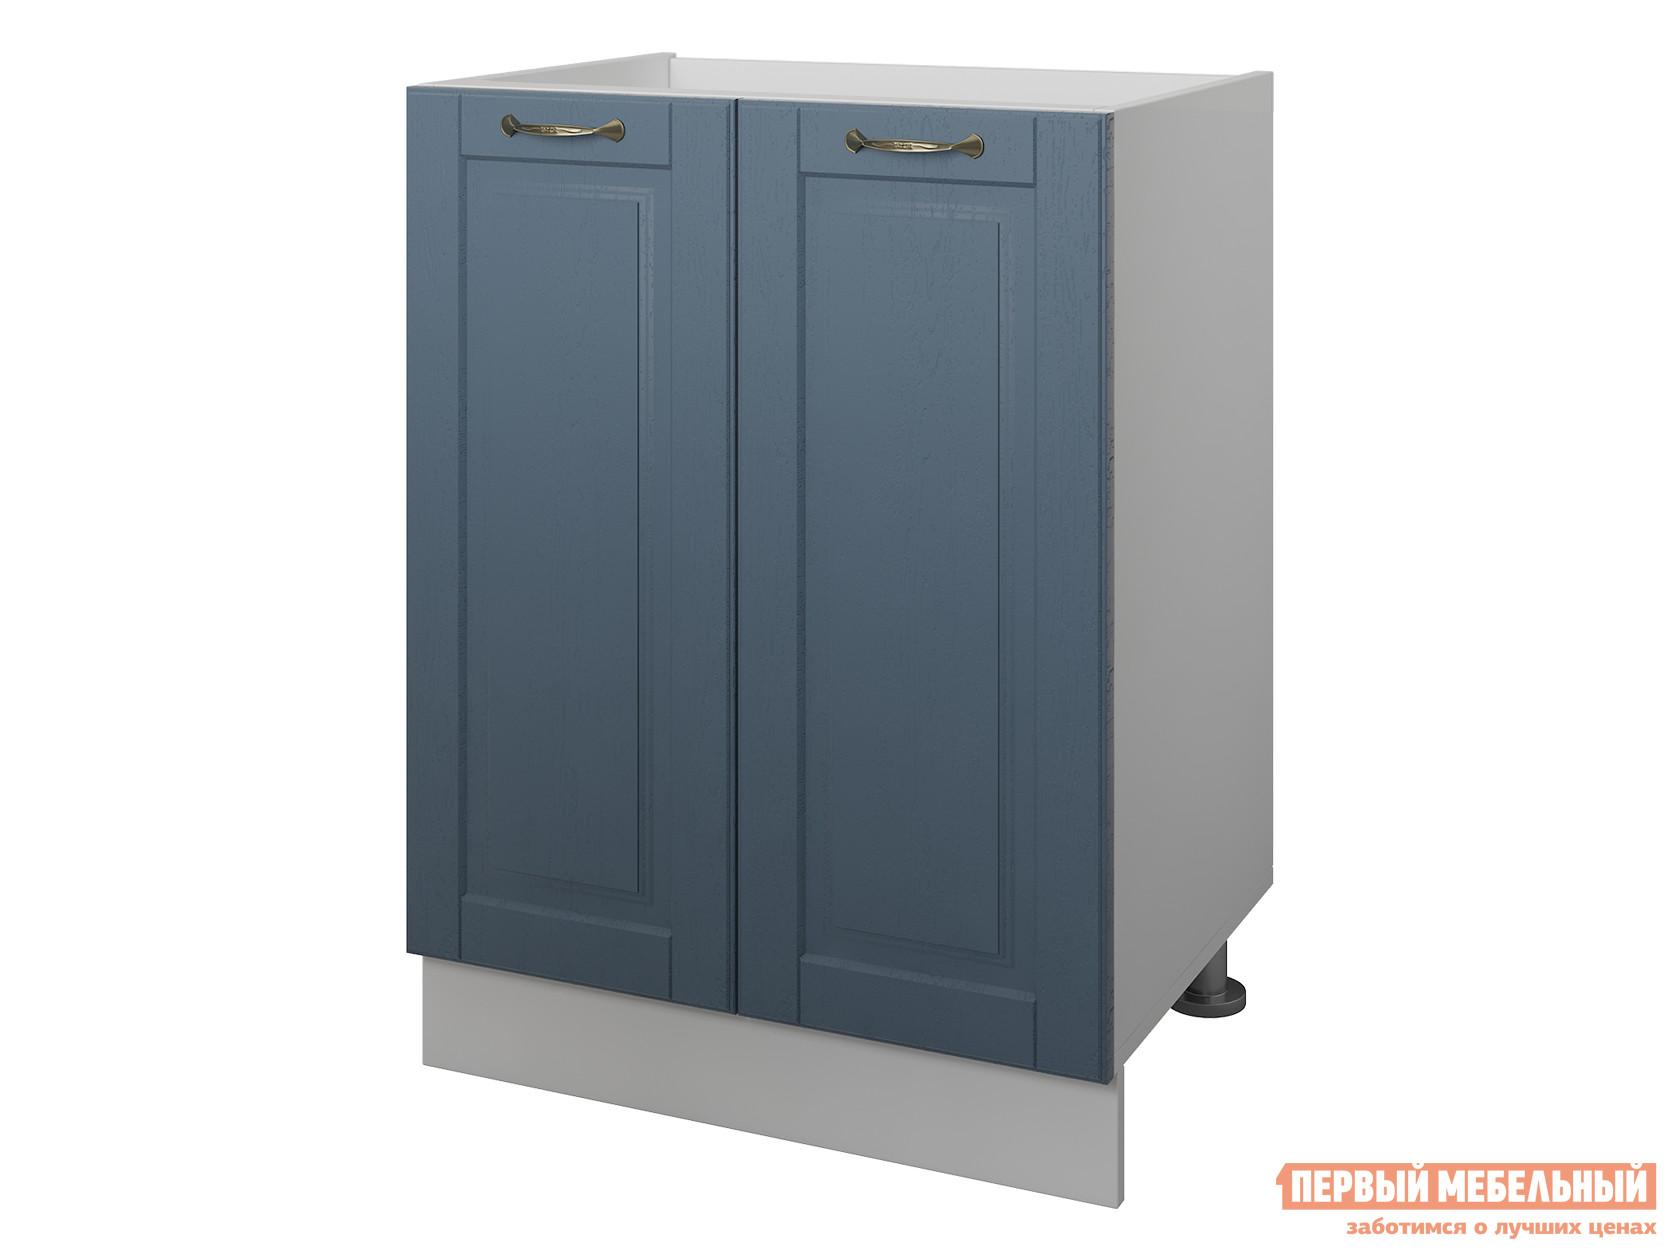 Кухонный модуль Первый Мебельный Палермо Тумба 600 под мойку БЕЗ СТОЛЕШНИЦЫ